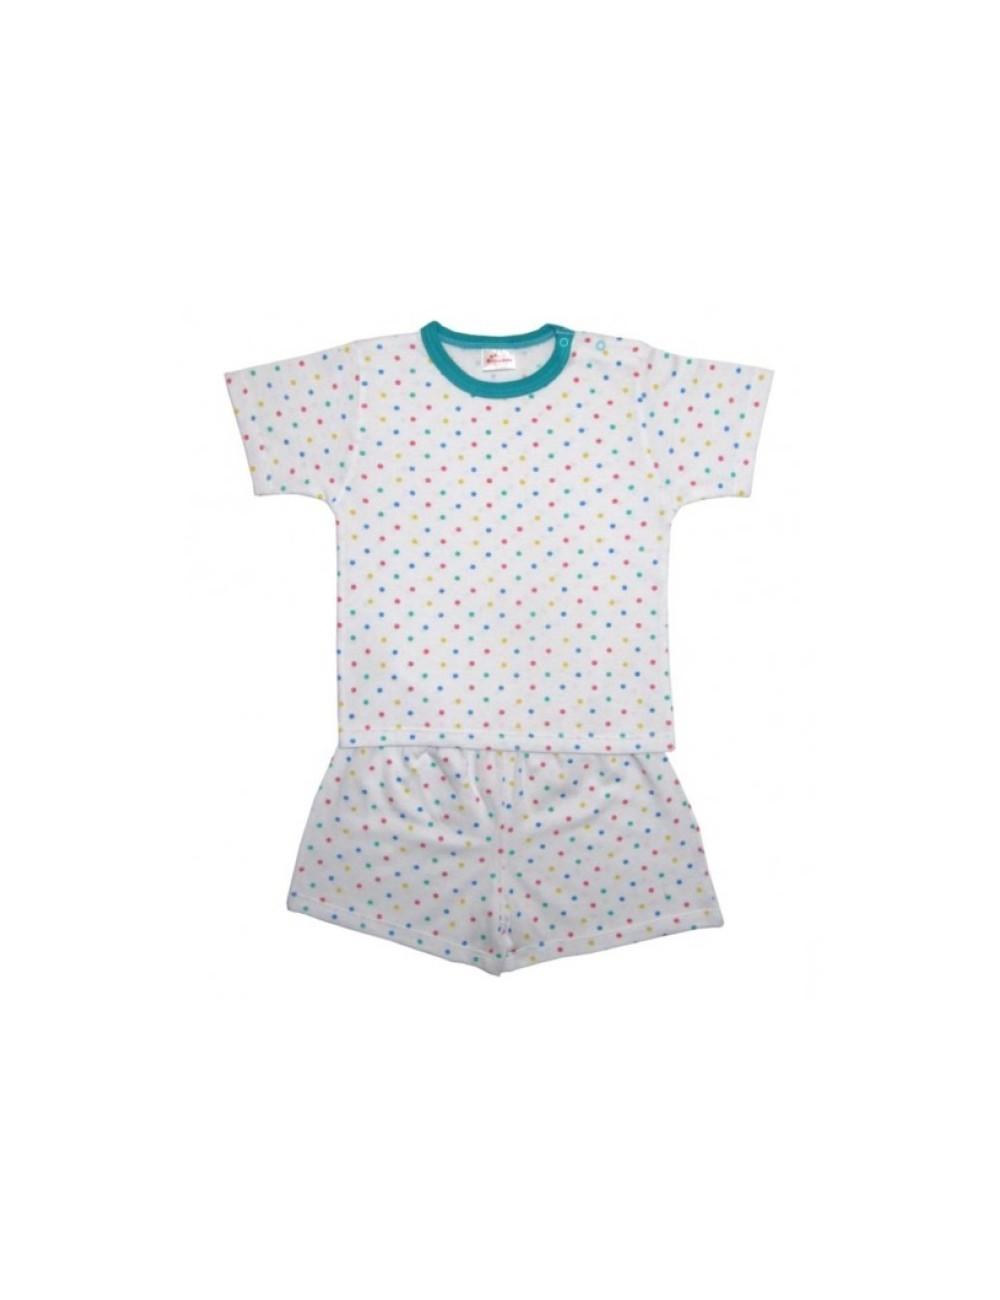 Pijamale copii vara, Karababy, 5 ani